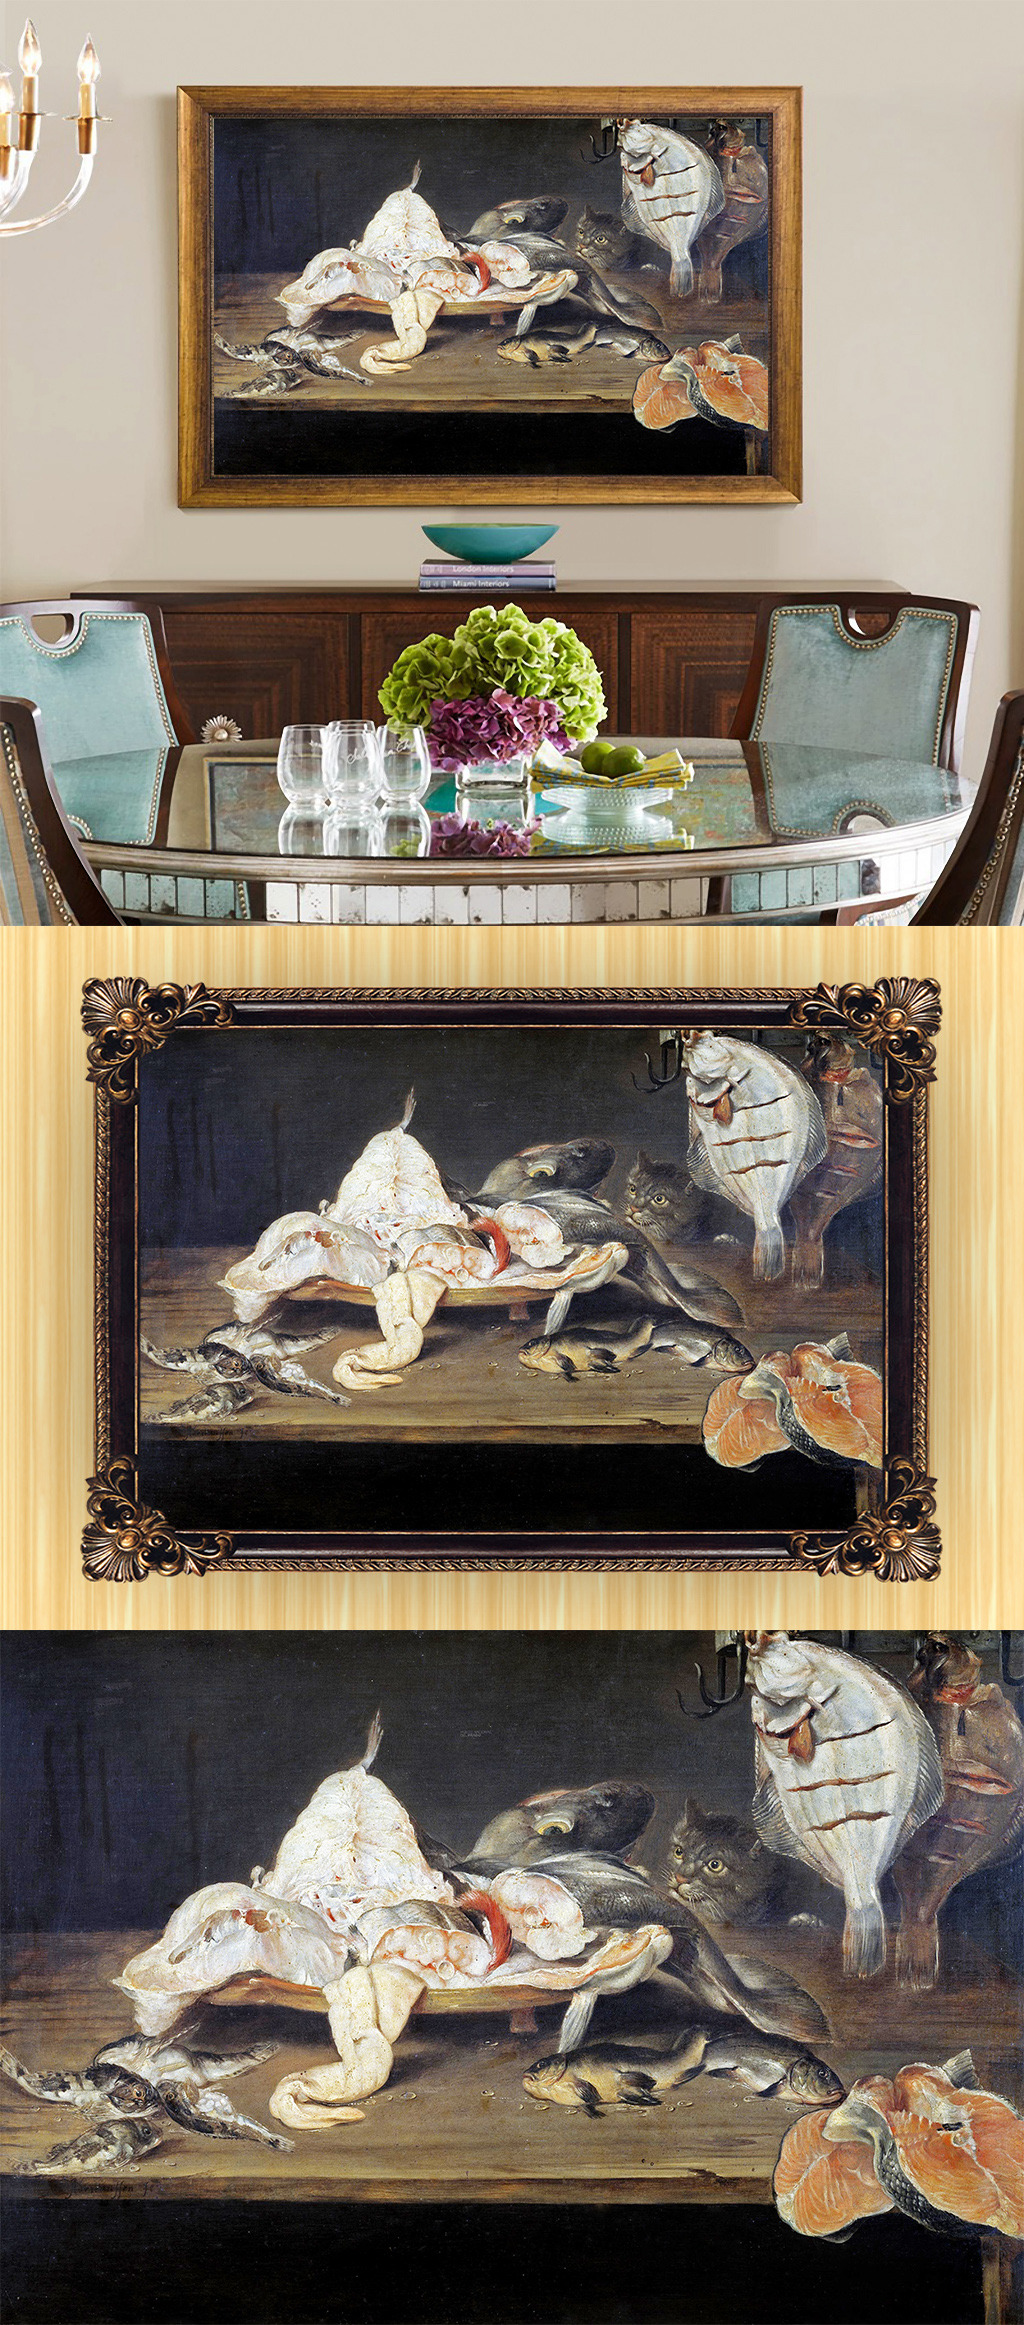 高清手绘欧式古典写实风格厨房食物油画